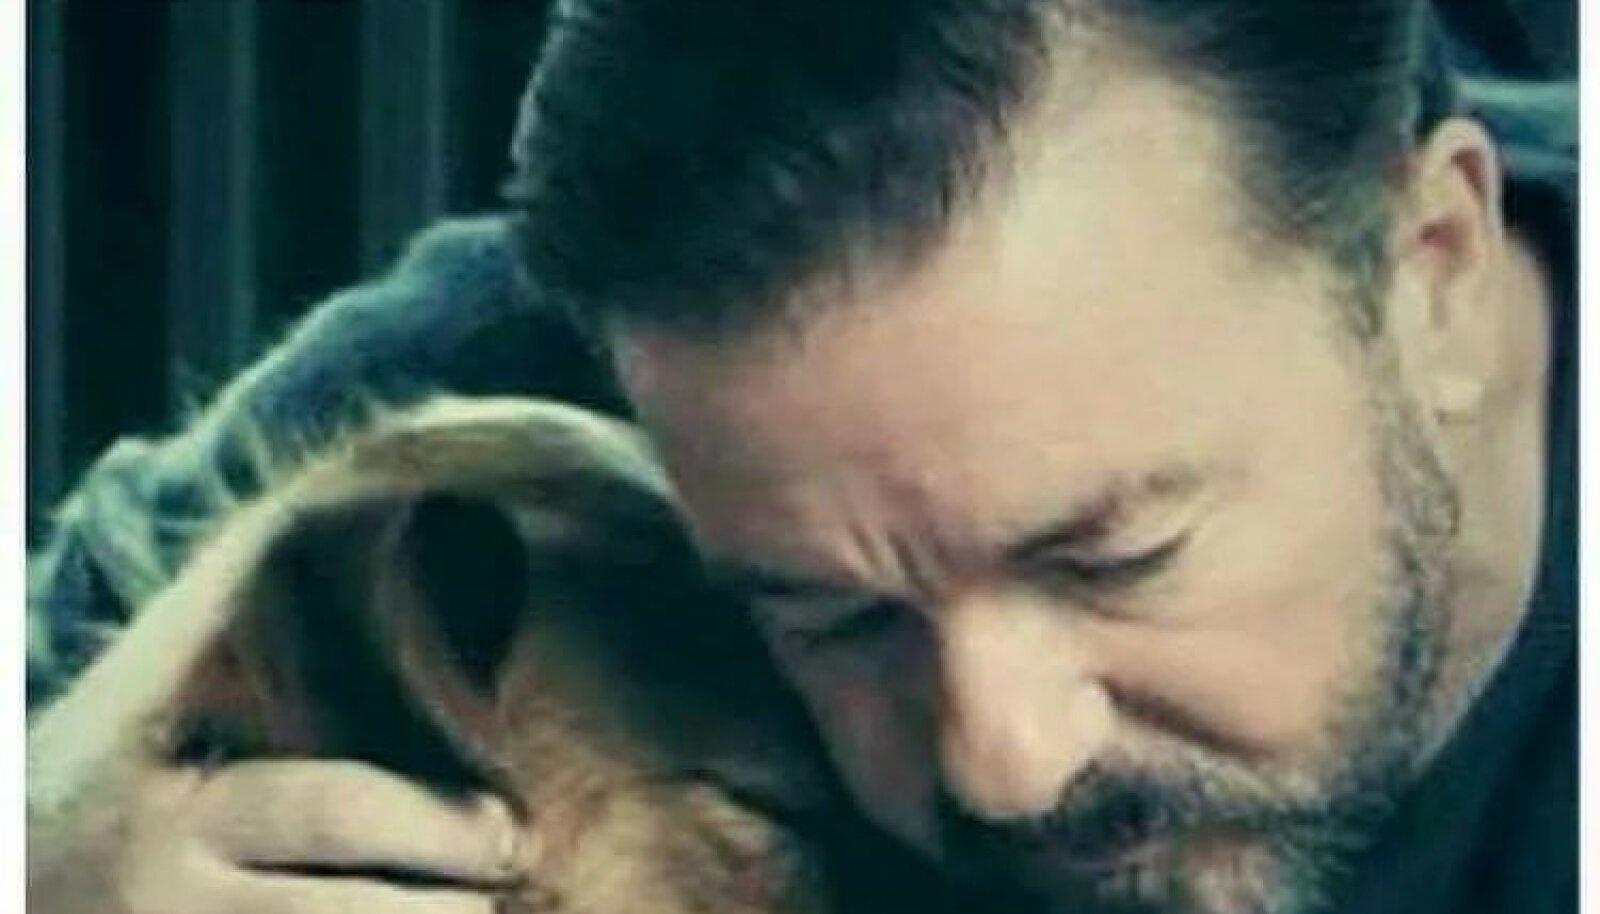 Juhtumi avalikustanud Ricky Gervais on alati loomade õiguste eest seisnud